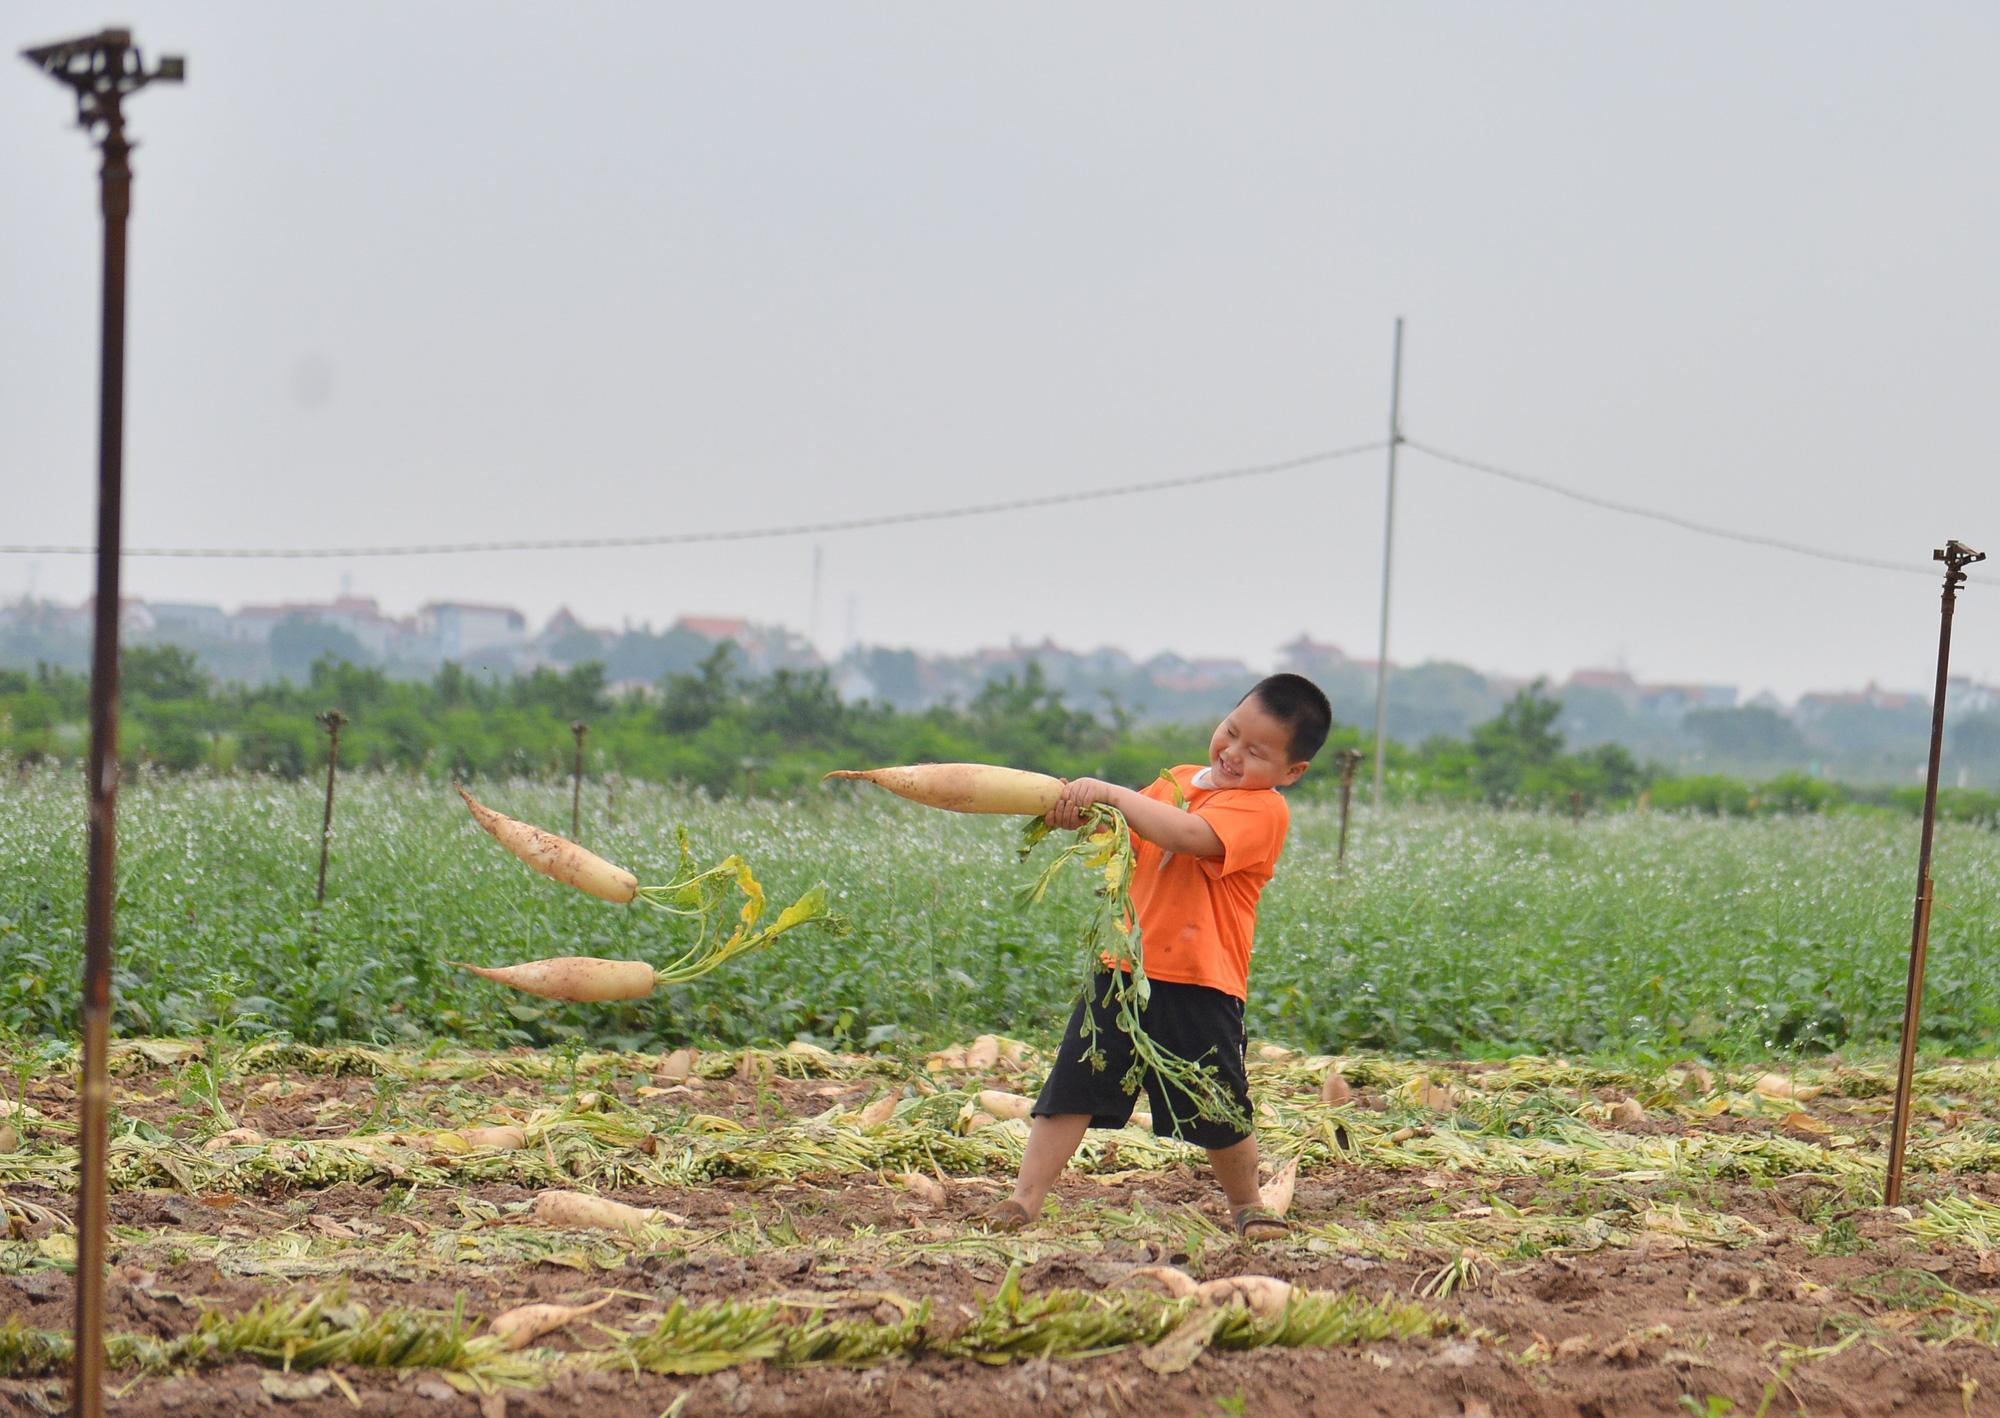 Sau Hải Dương, hàng trăm tấn củ cải ở Hà Nội rớt giá, người dân phải nhổ bỏ vì bán không ai mua - Ảnh 9.